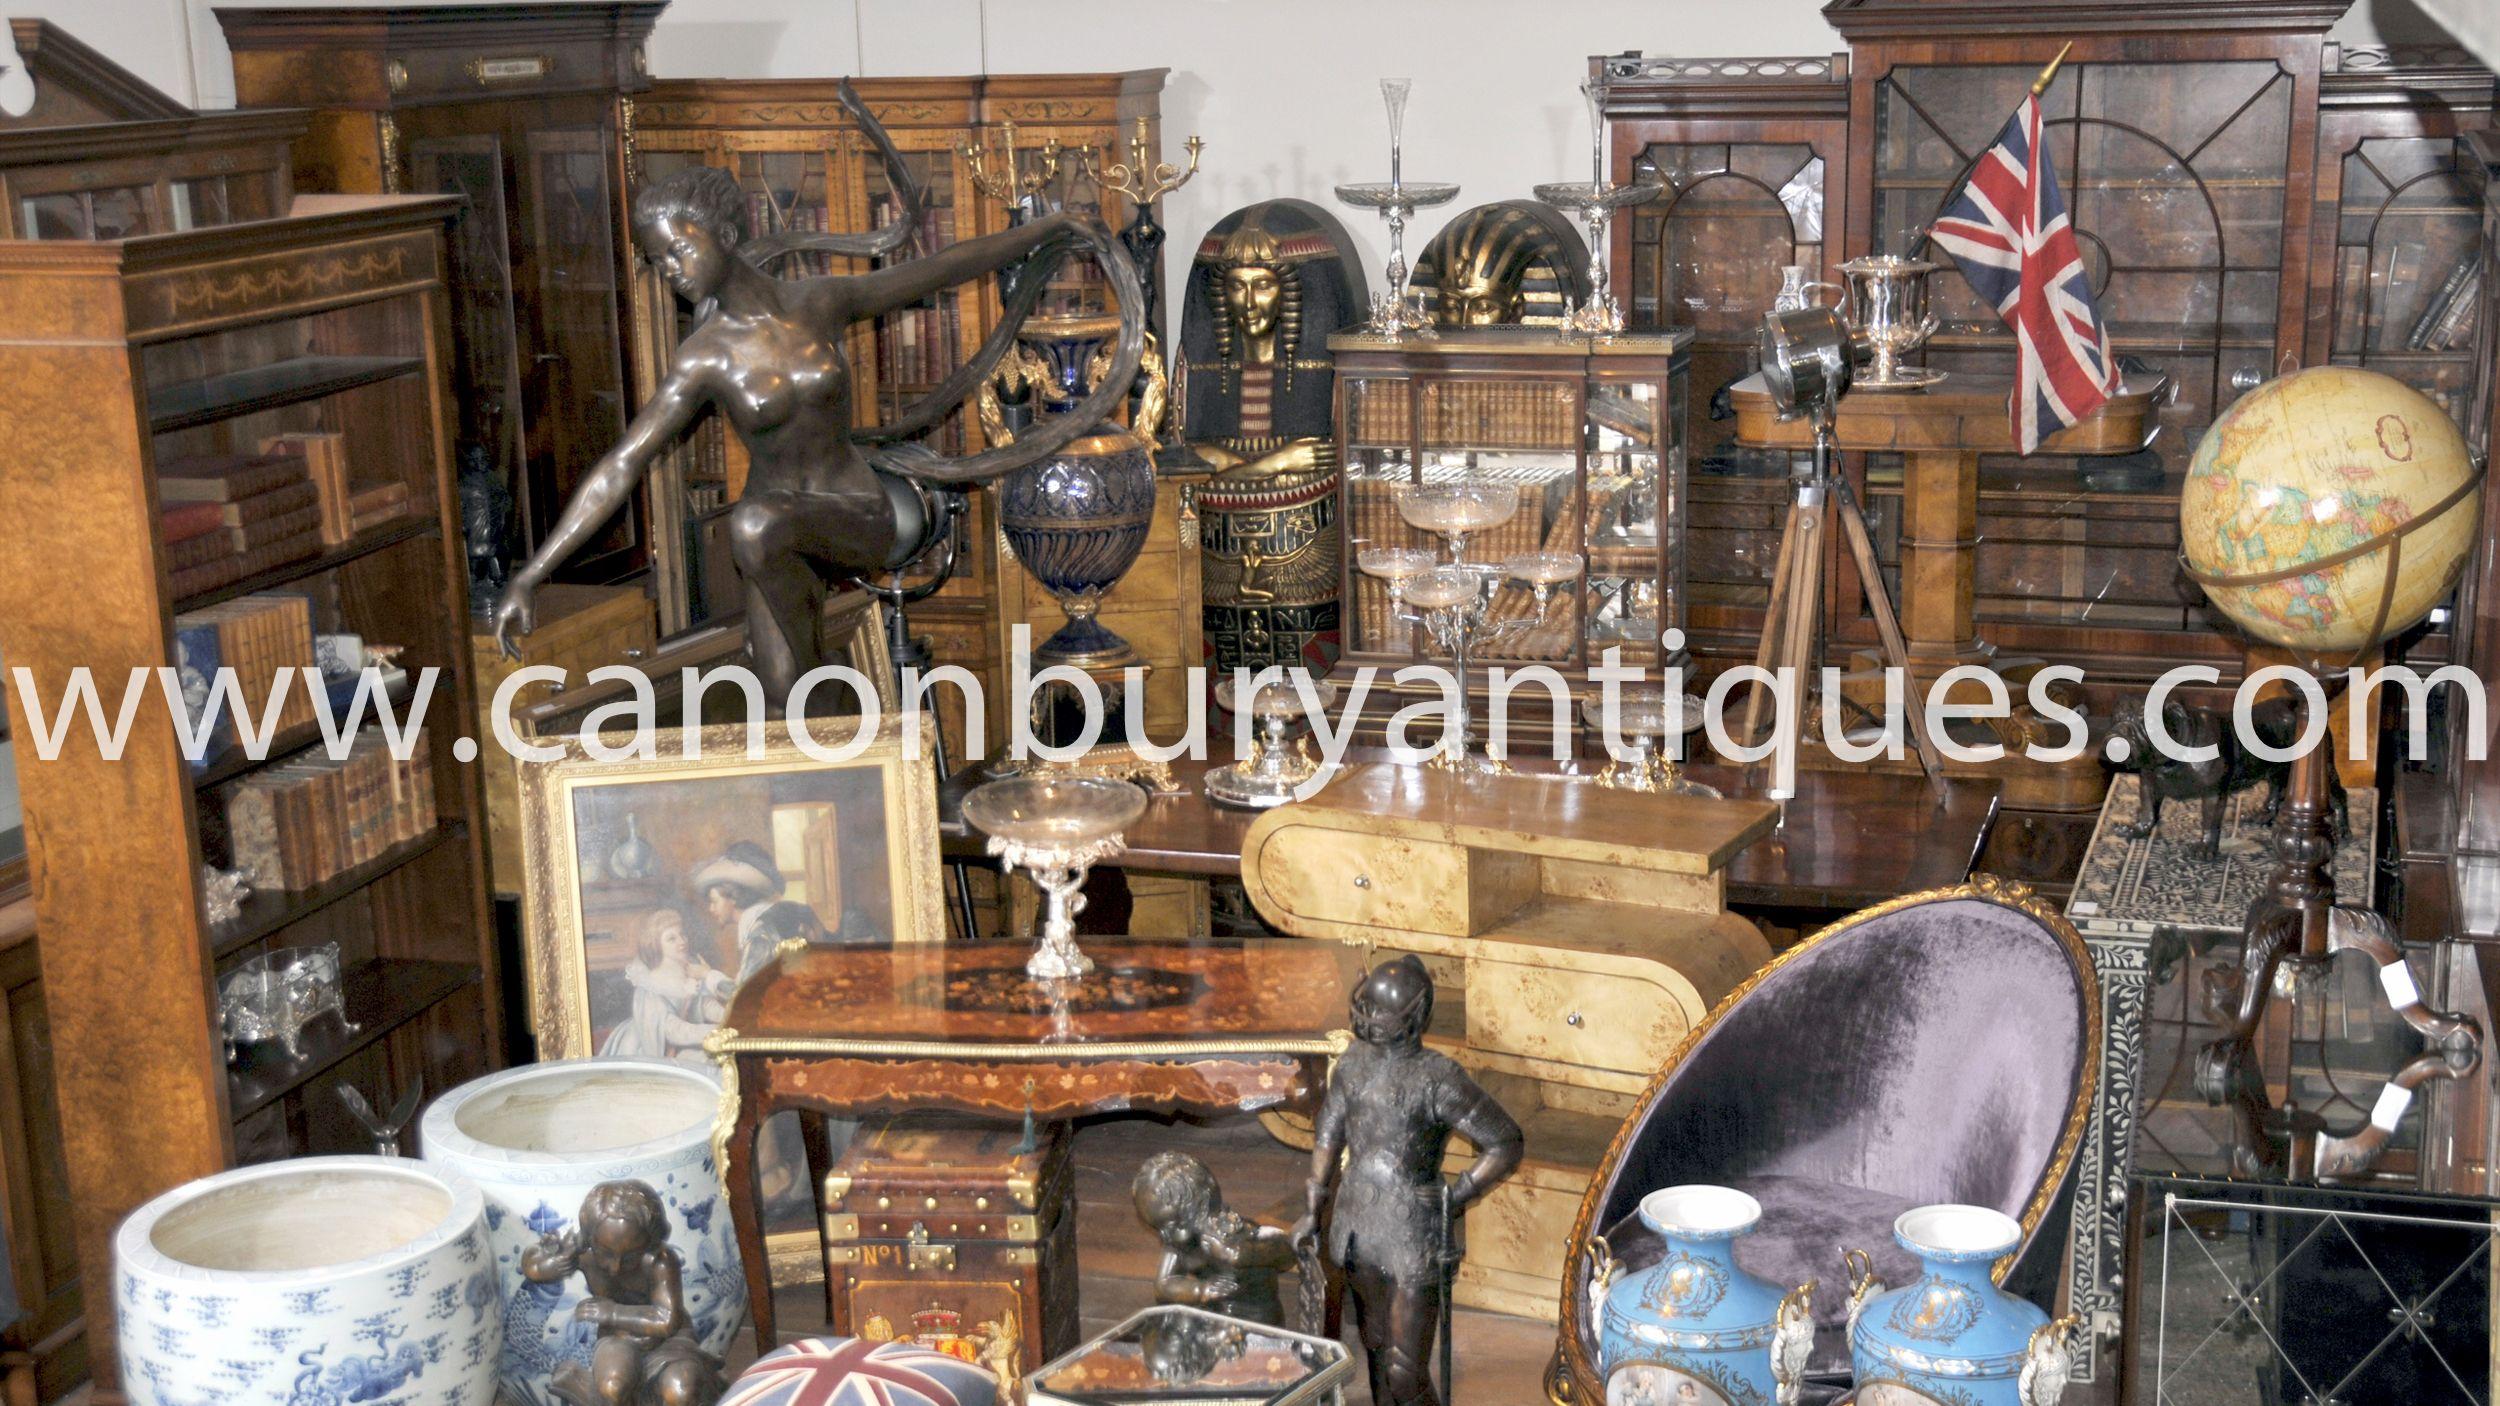 Hertfordshire Antiques Antiquites Canonbury Antique Dining Tables English Antique Furniture Mirrored Furniture